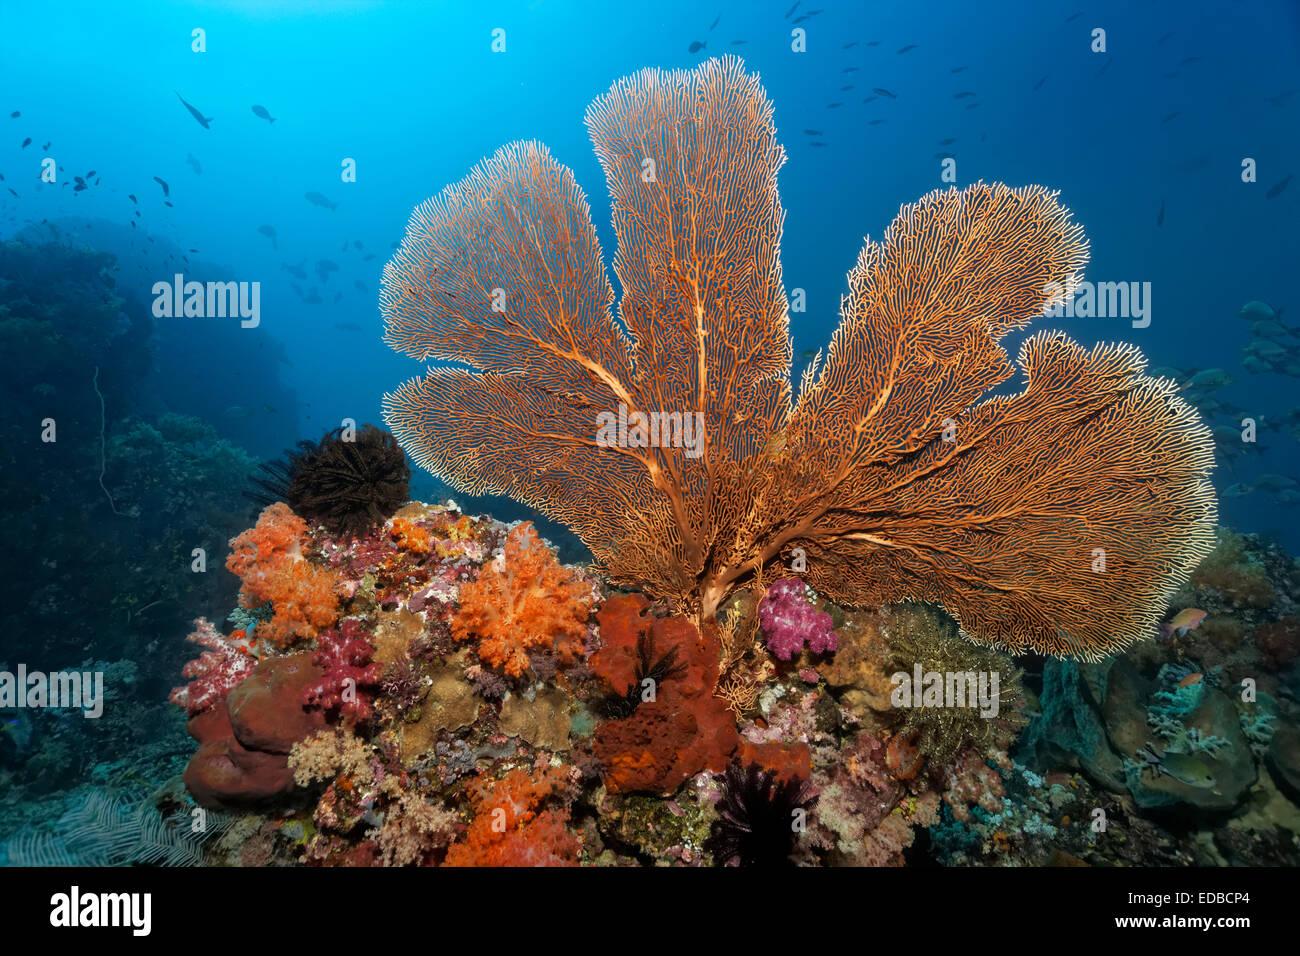 Techo de arrecifes de coral con grandes gorgonias (Annella mollis), diversas corales blandos (Alcyonacea), corales Foto de stock